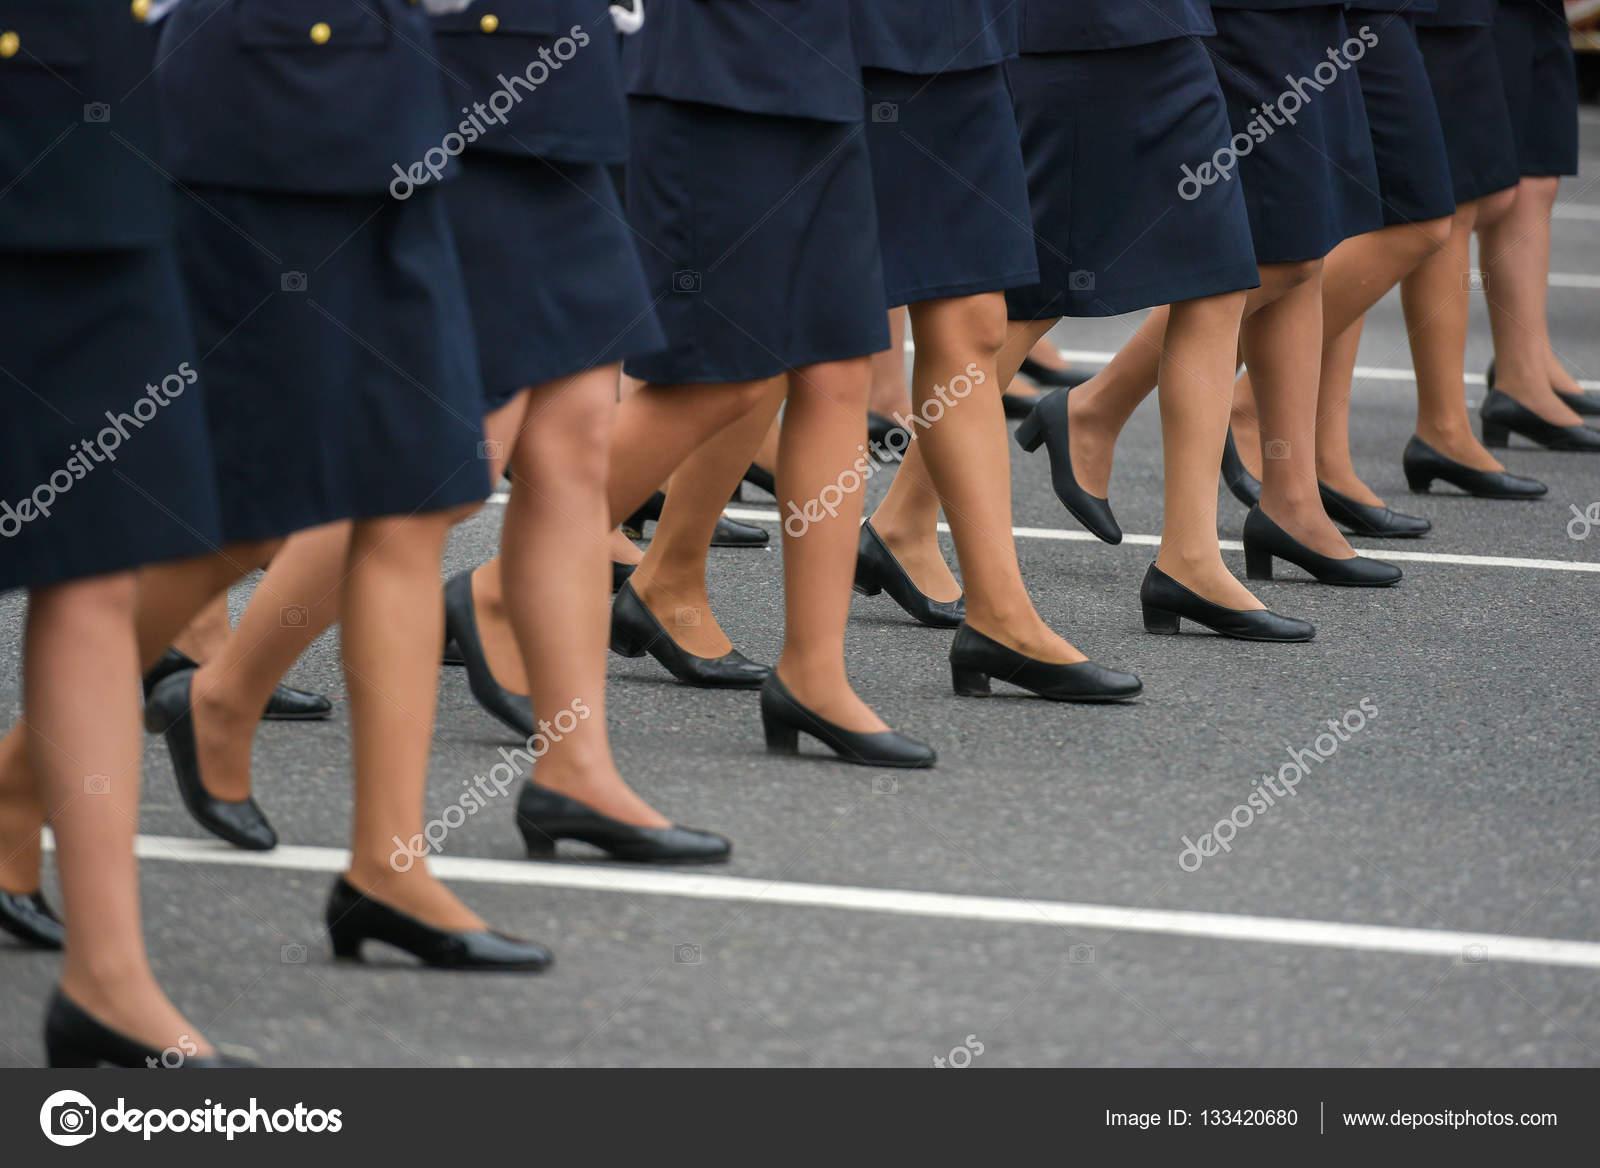 Wiersz Z Nogi Kobiety Zdjęcie Stockowe Anvmedia 133420680